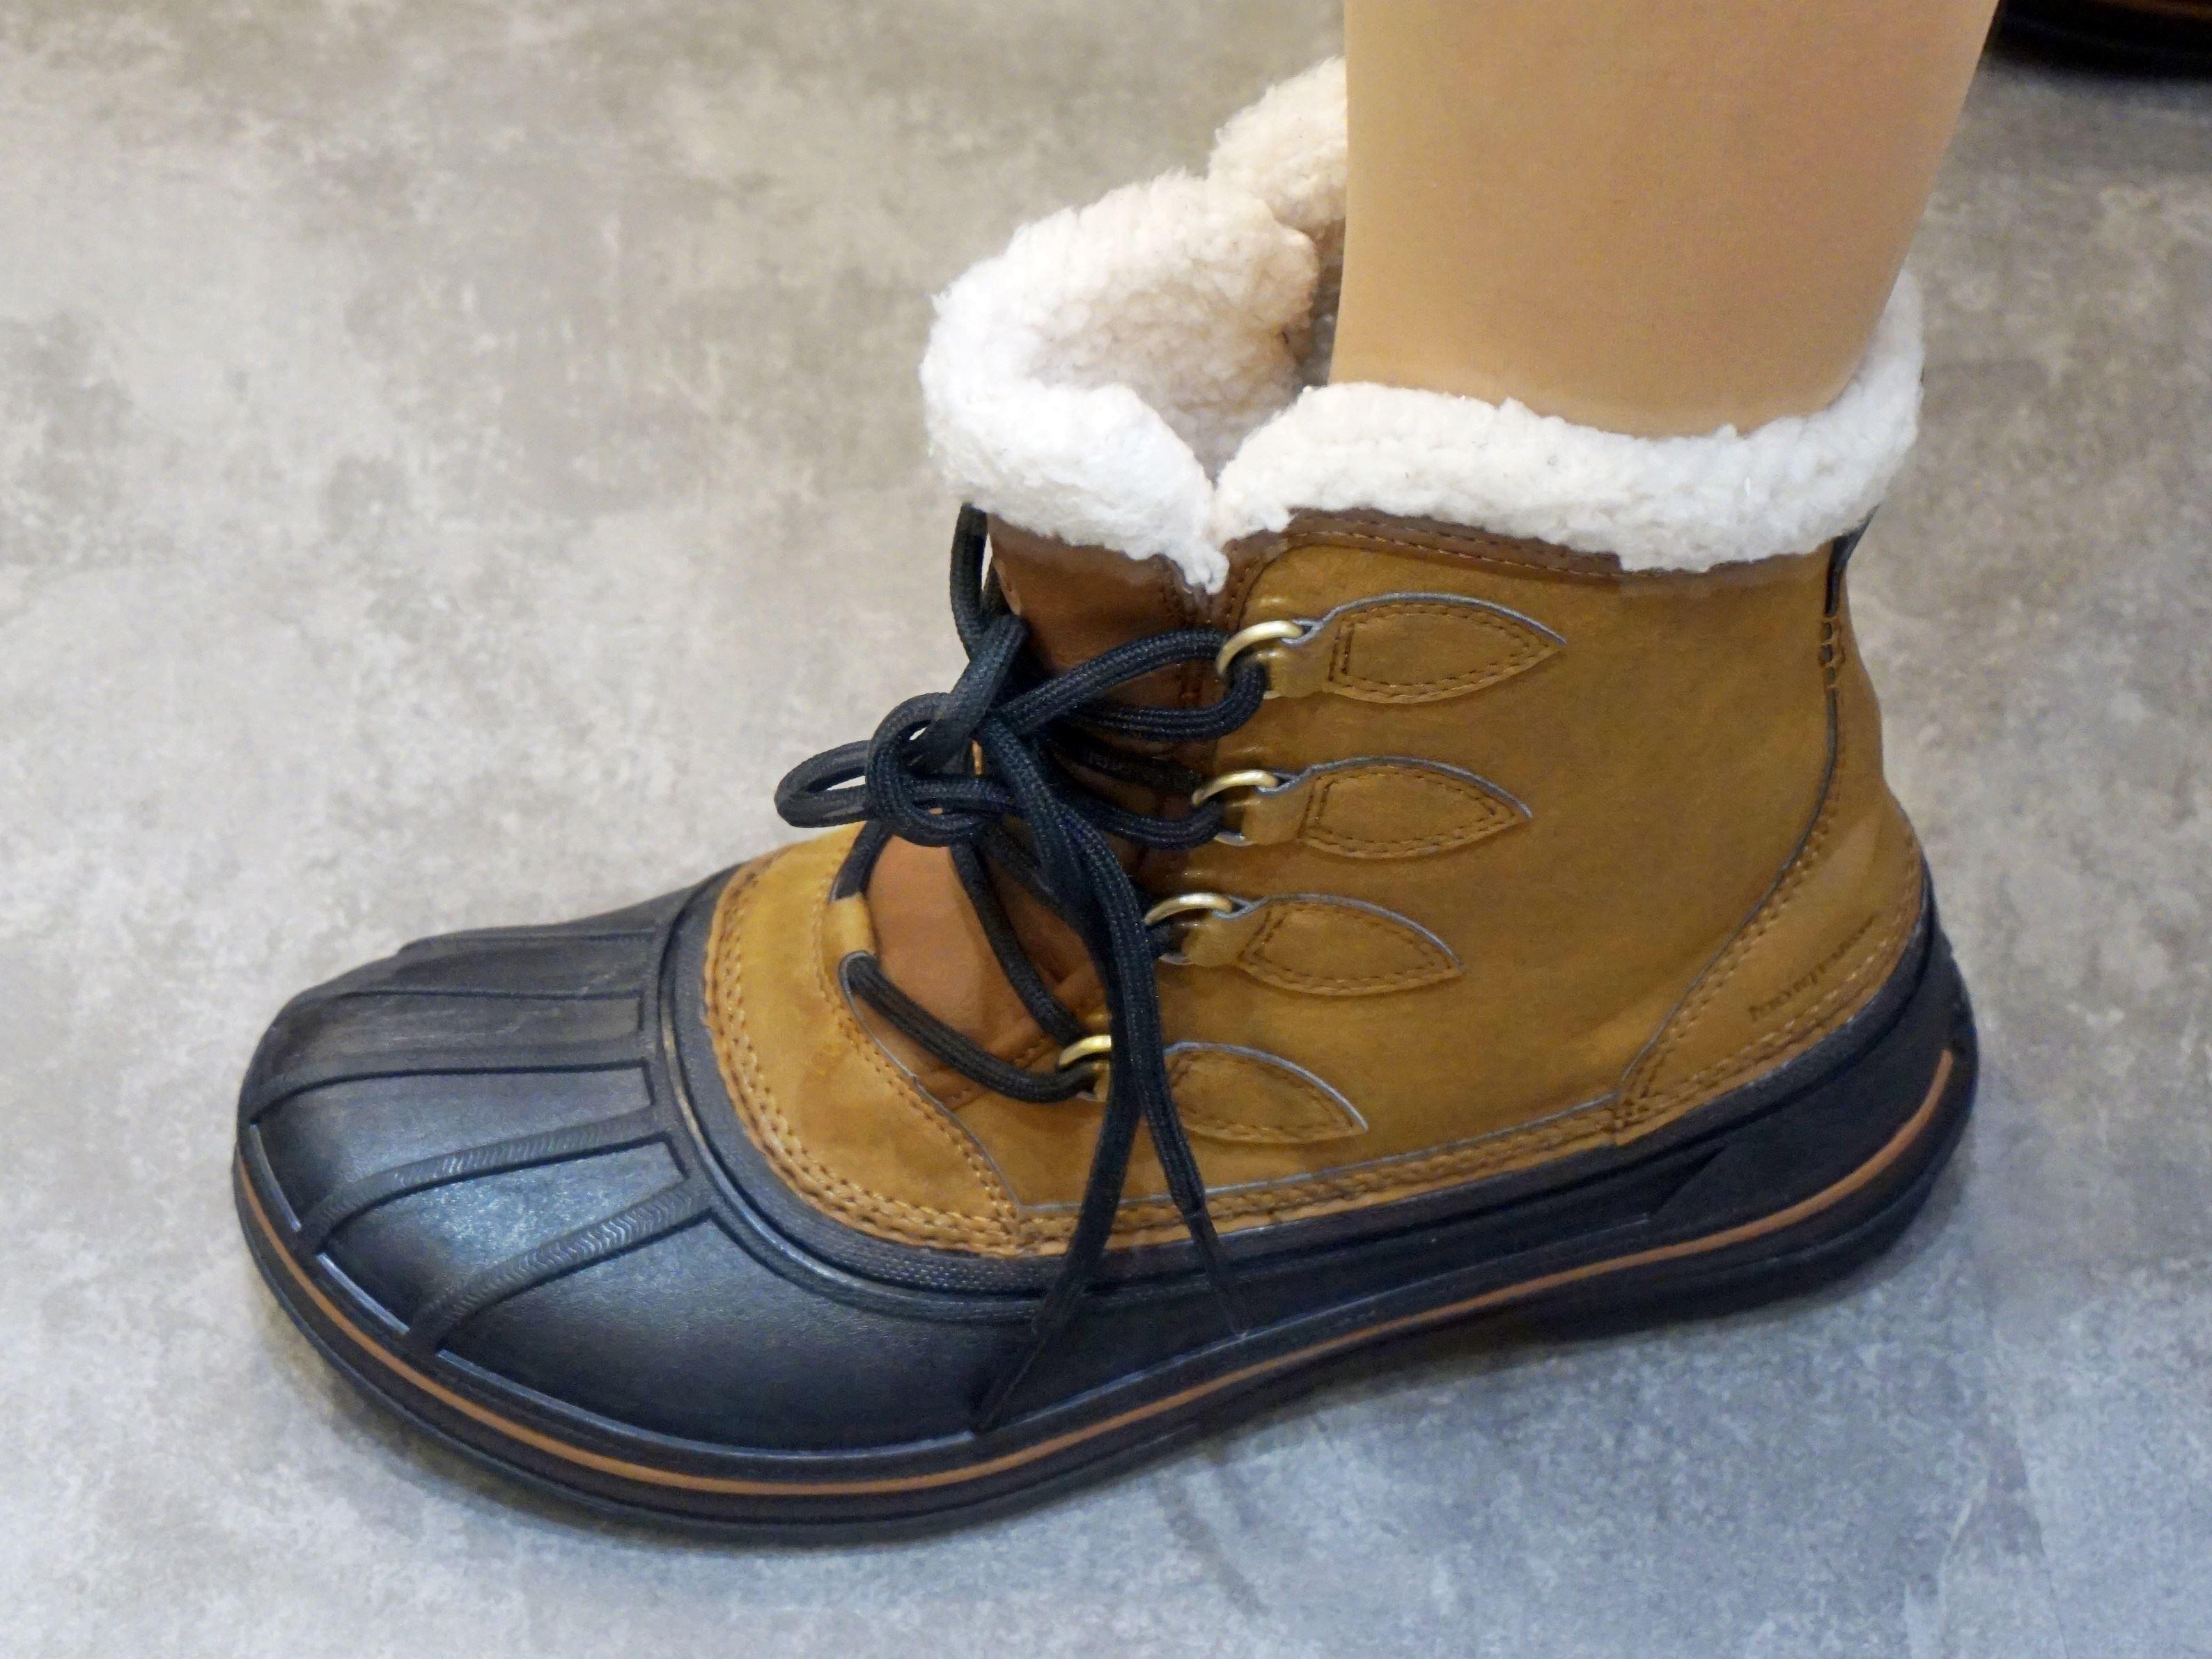 allcast 2.0 boot men オールキャスト 2.0 ブーツ メン